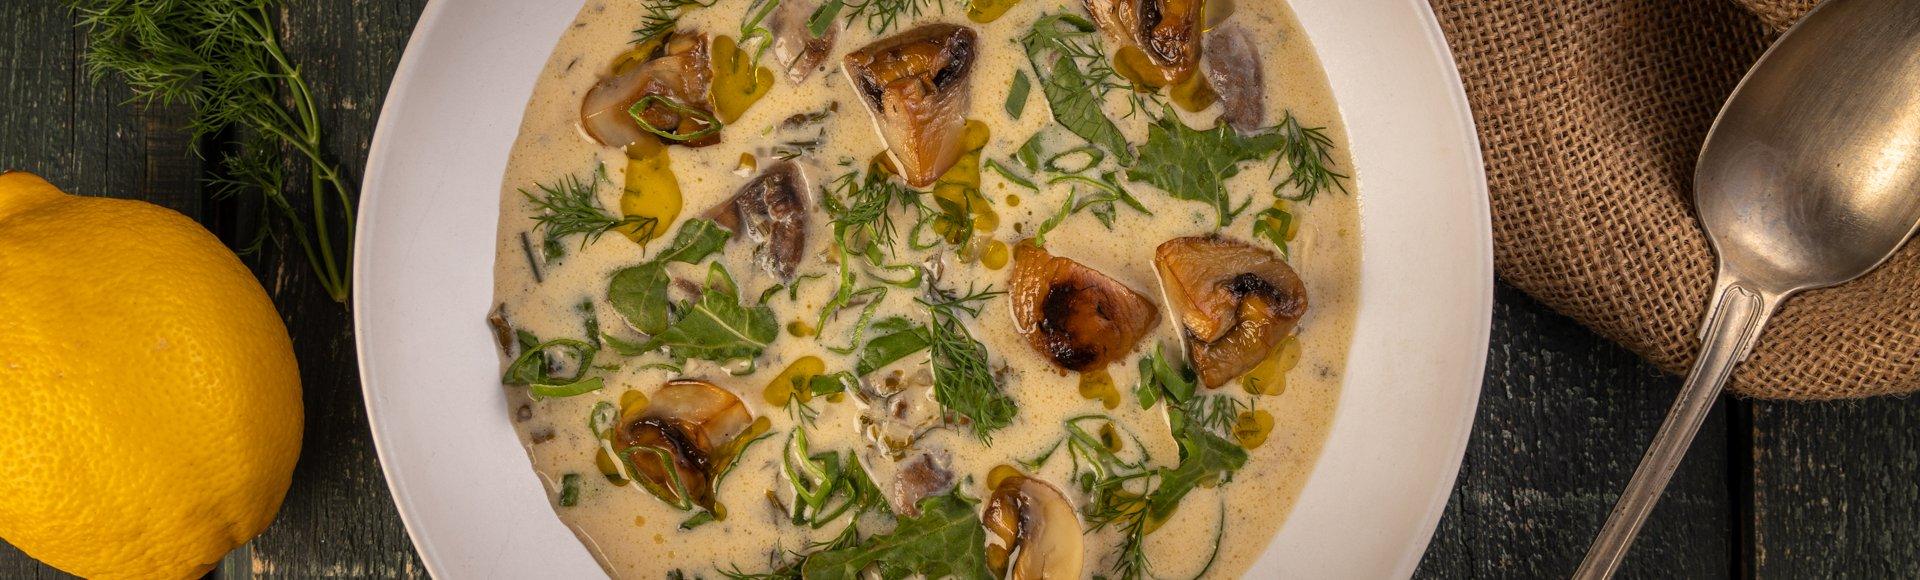 Μαγειρίτσα με μανιτάρια